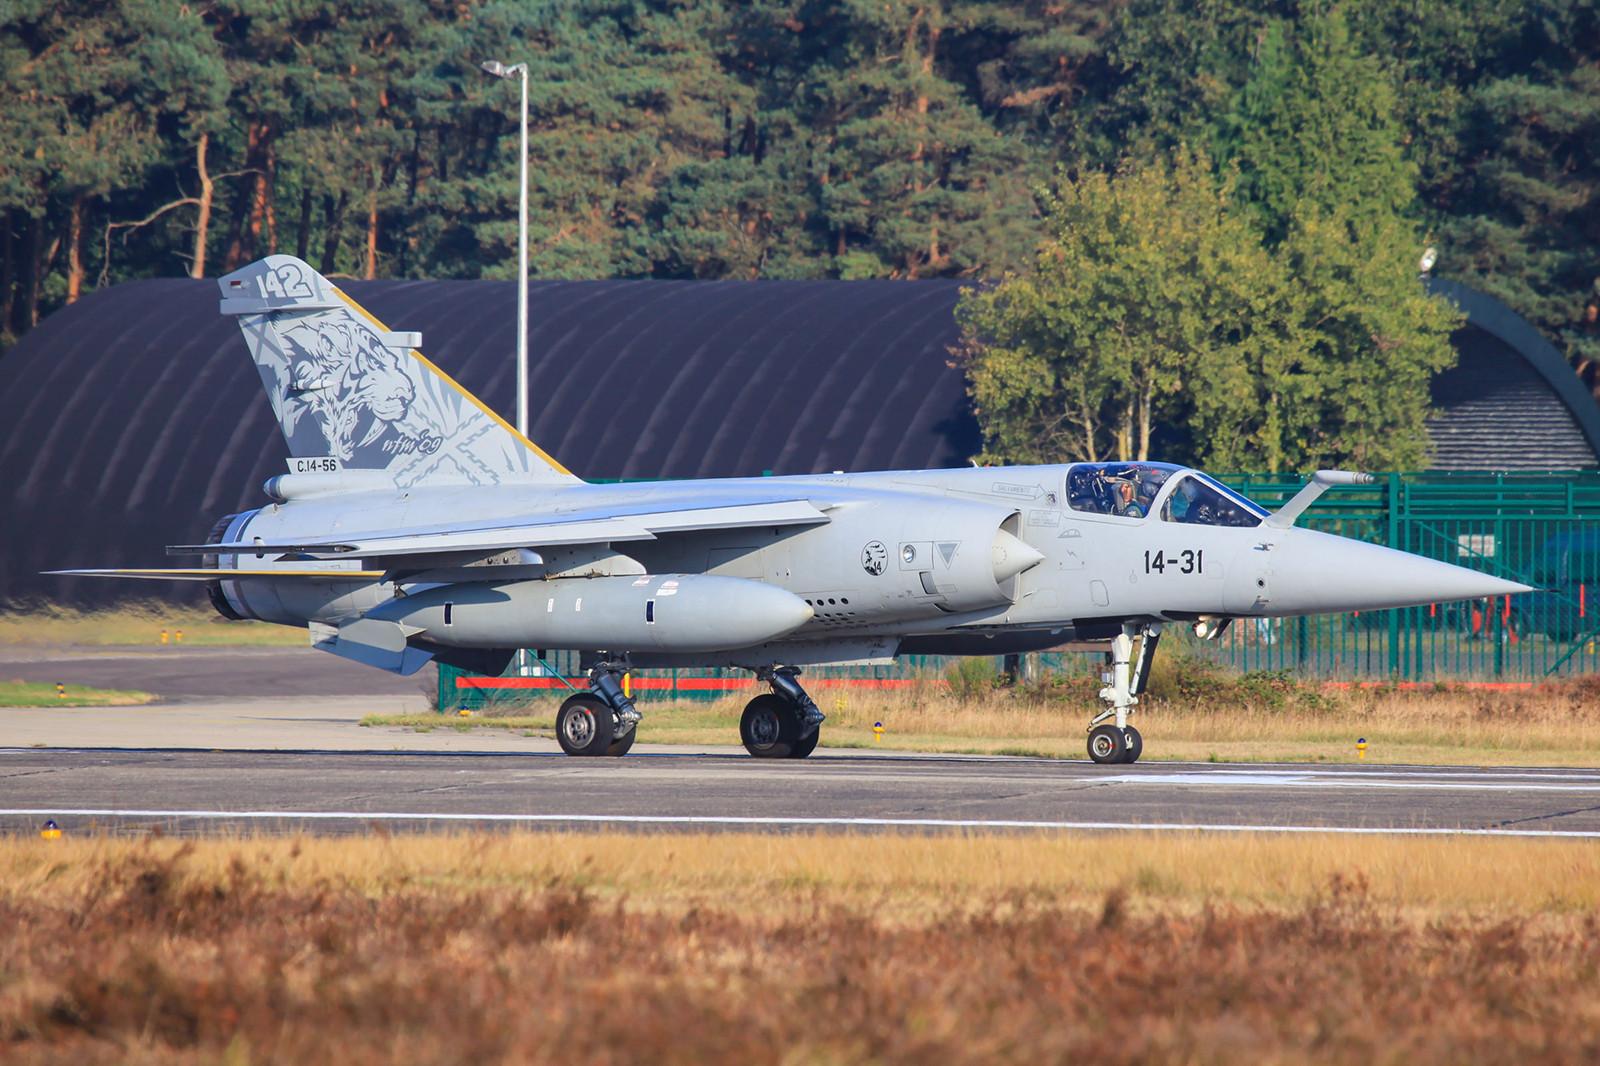 Die C.14-56 war eine Mirage F-1, welche ursprünglich zur Version F-1EE gehörte. Die Maschine hier in Kleine Brogel beim NTM 09.